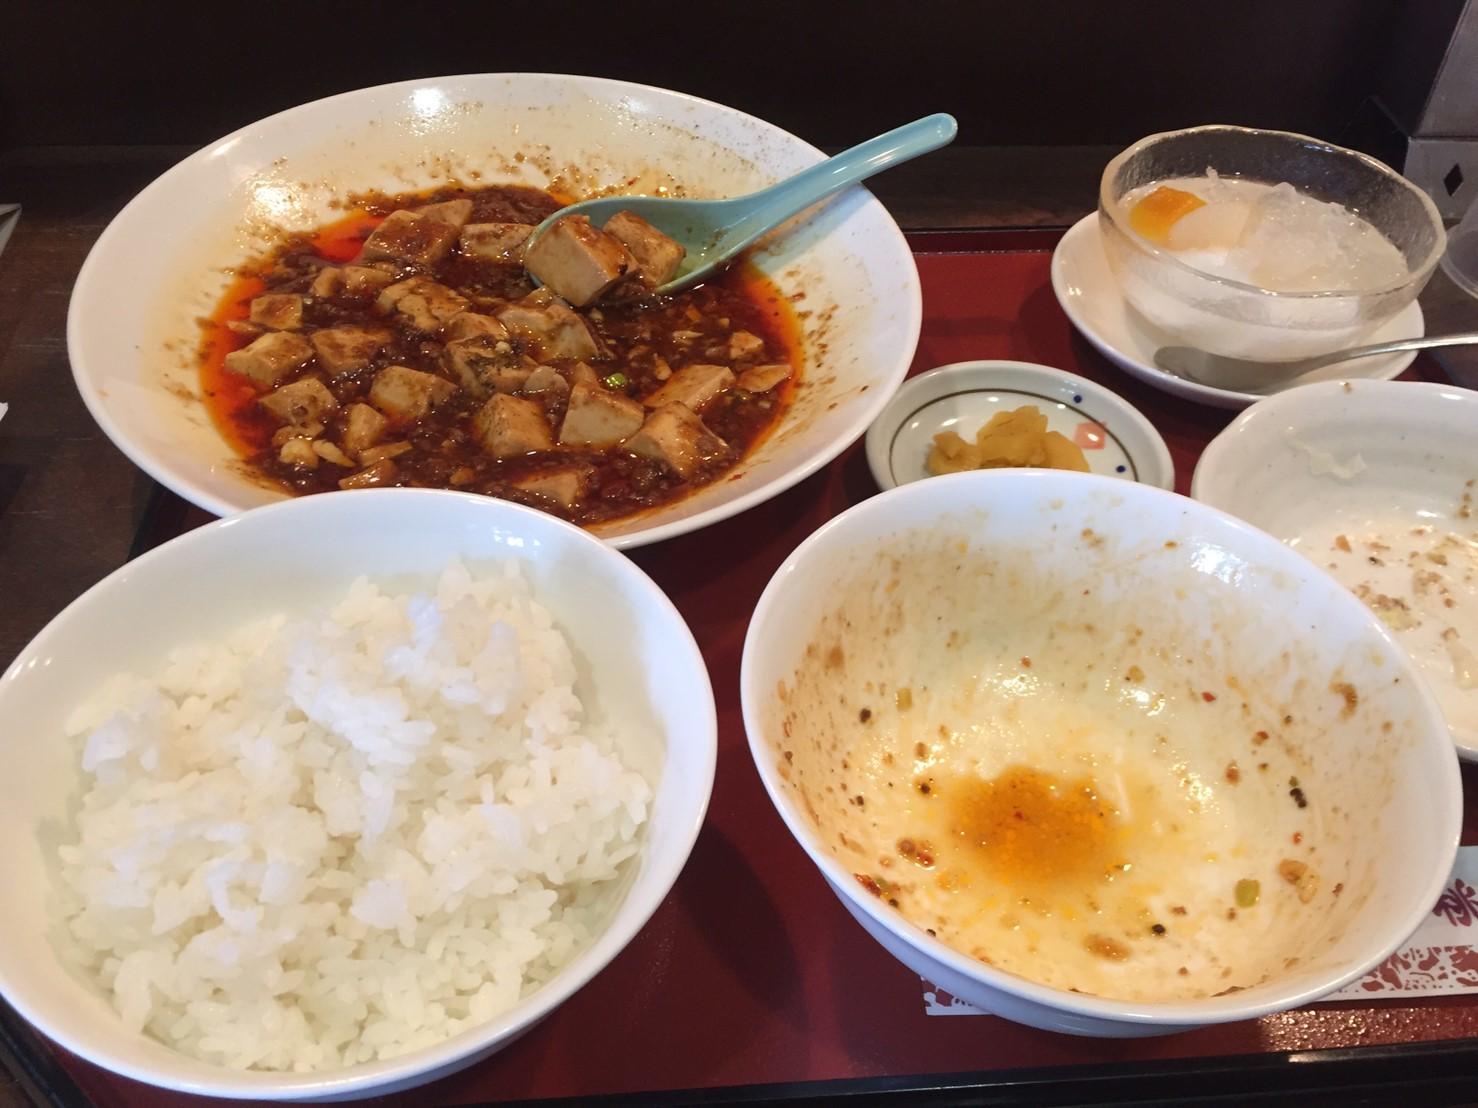 中国料理 銀座四川 壽桃  ランチ ファイナル_e0115904_06091232.jpg